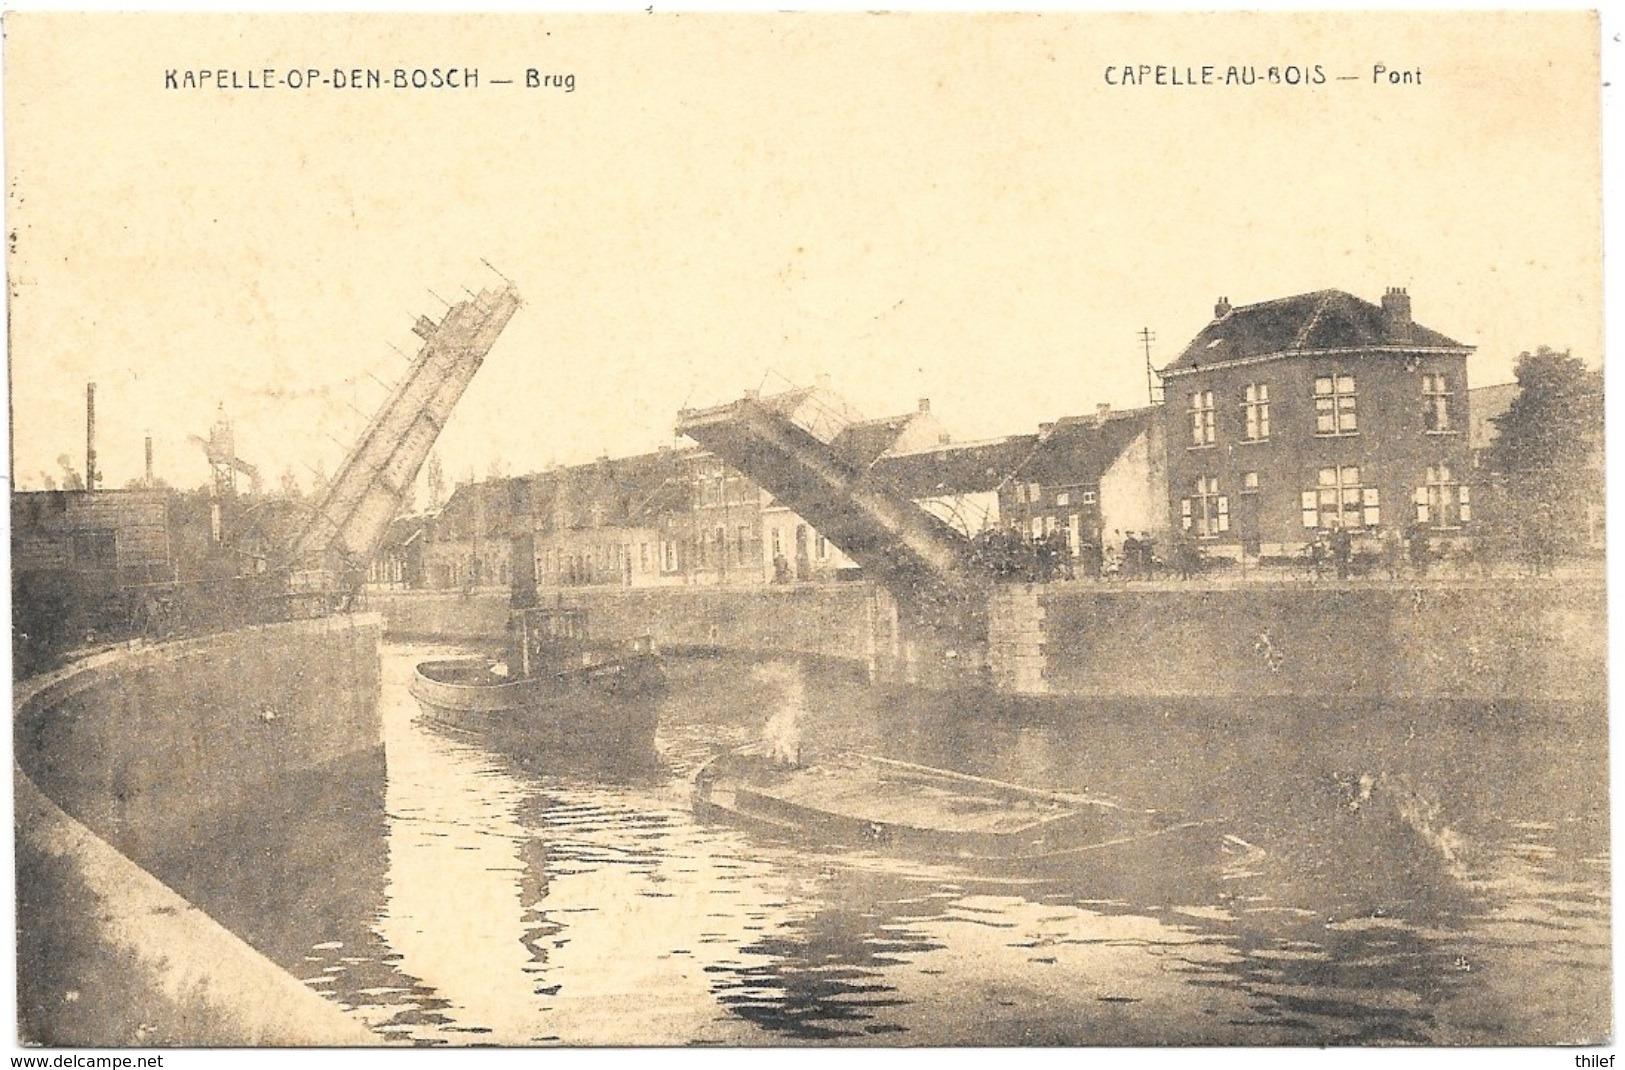 Capelle-au-Bois NA3: Pont 1926 - Kapelle-op-den-Bos